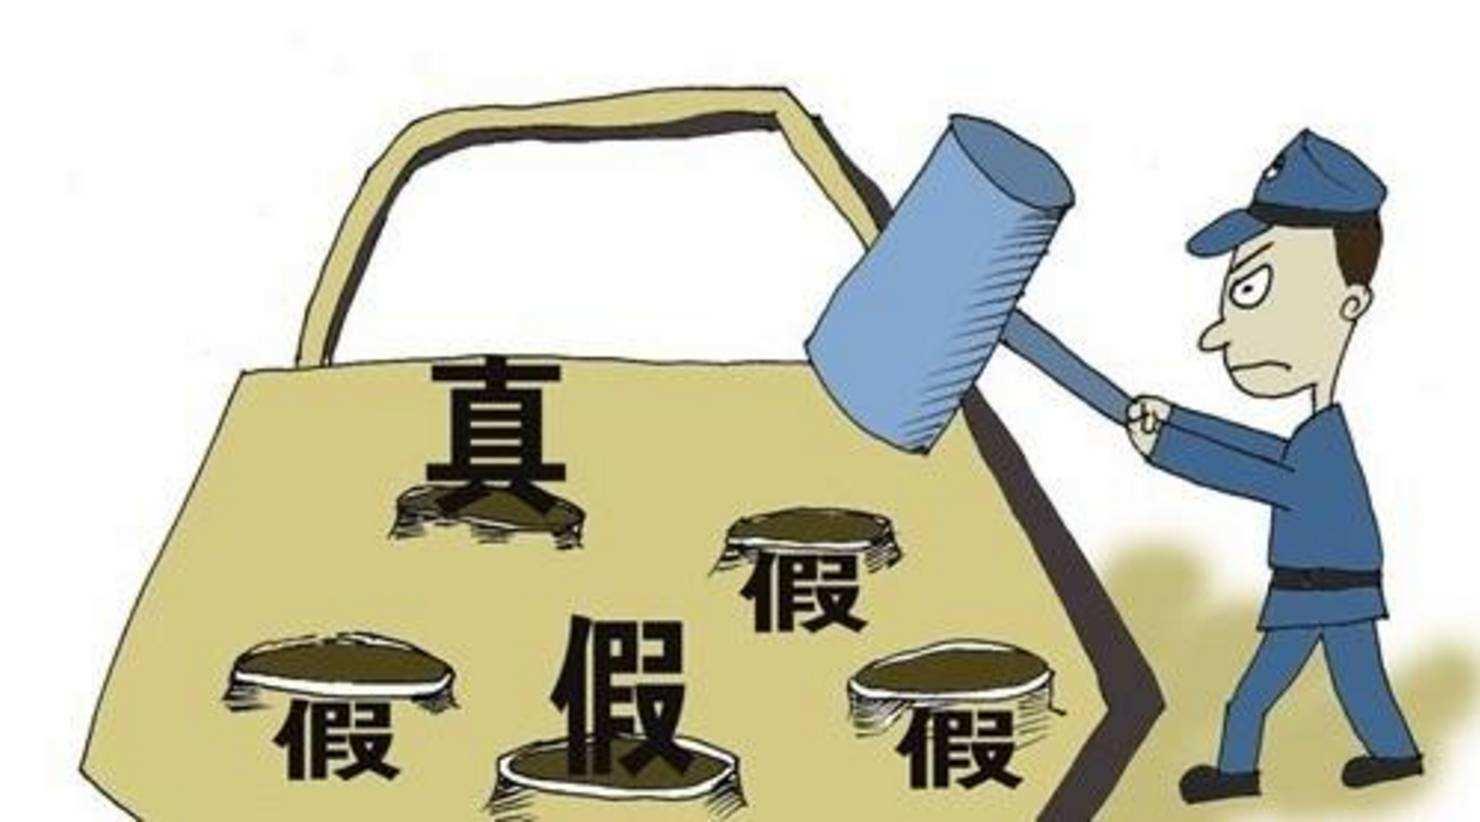 为掩饰失职,洛阳汝阳县水利部门监管执法案卷造假